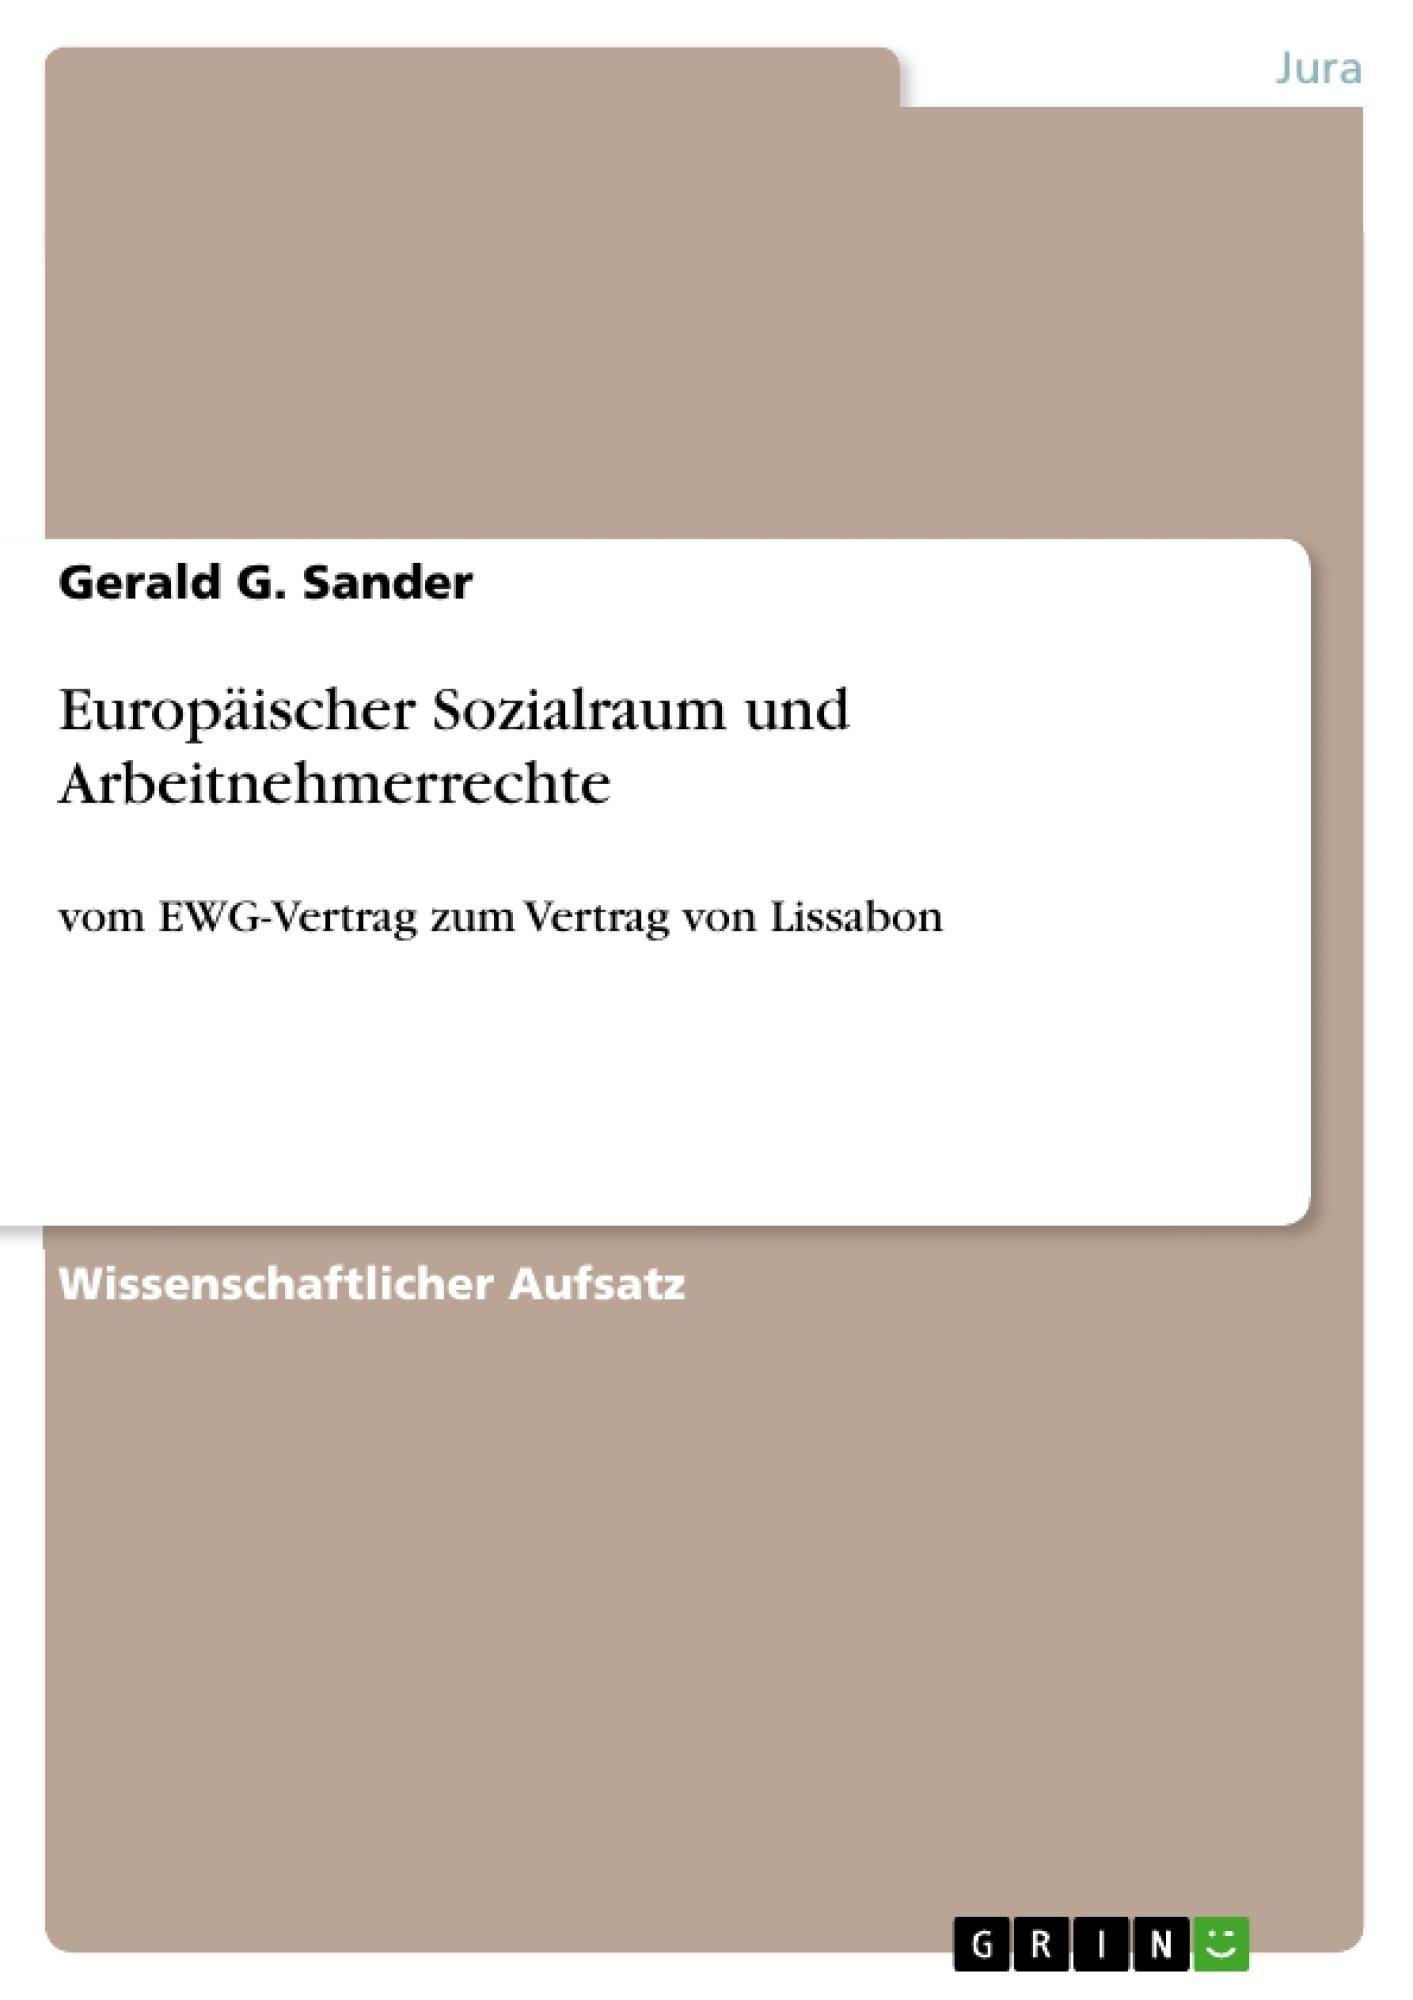 Titel: Europäischer Sozialraum und Arbeitnehmerrechte